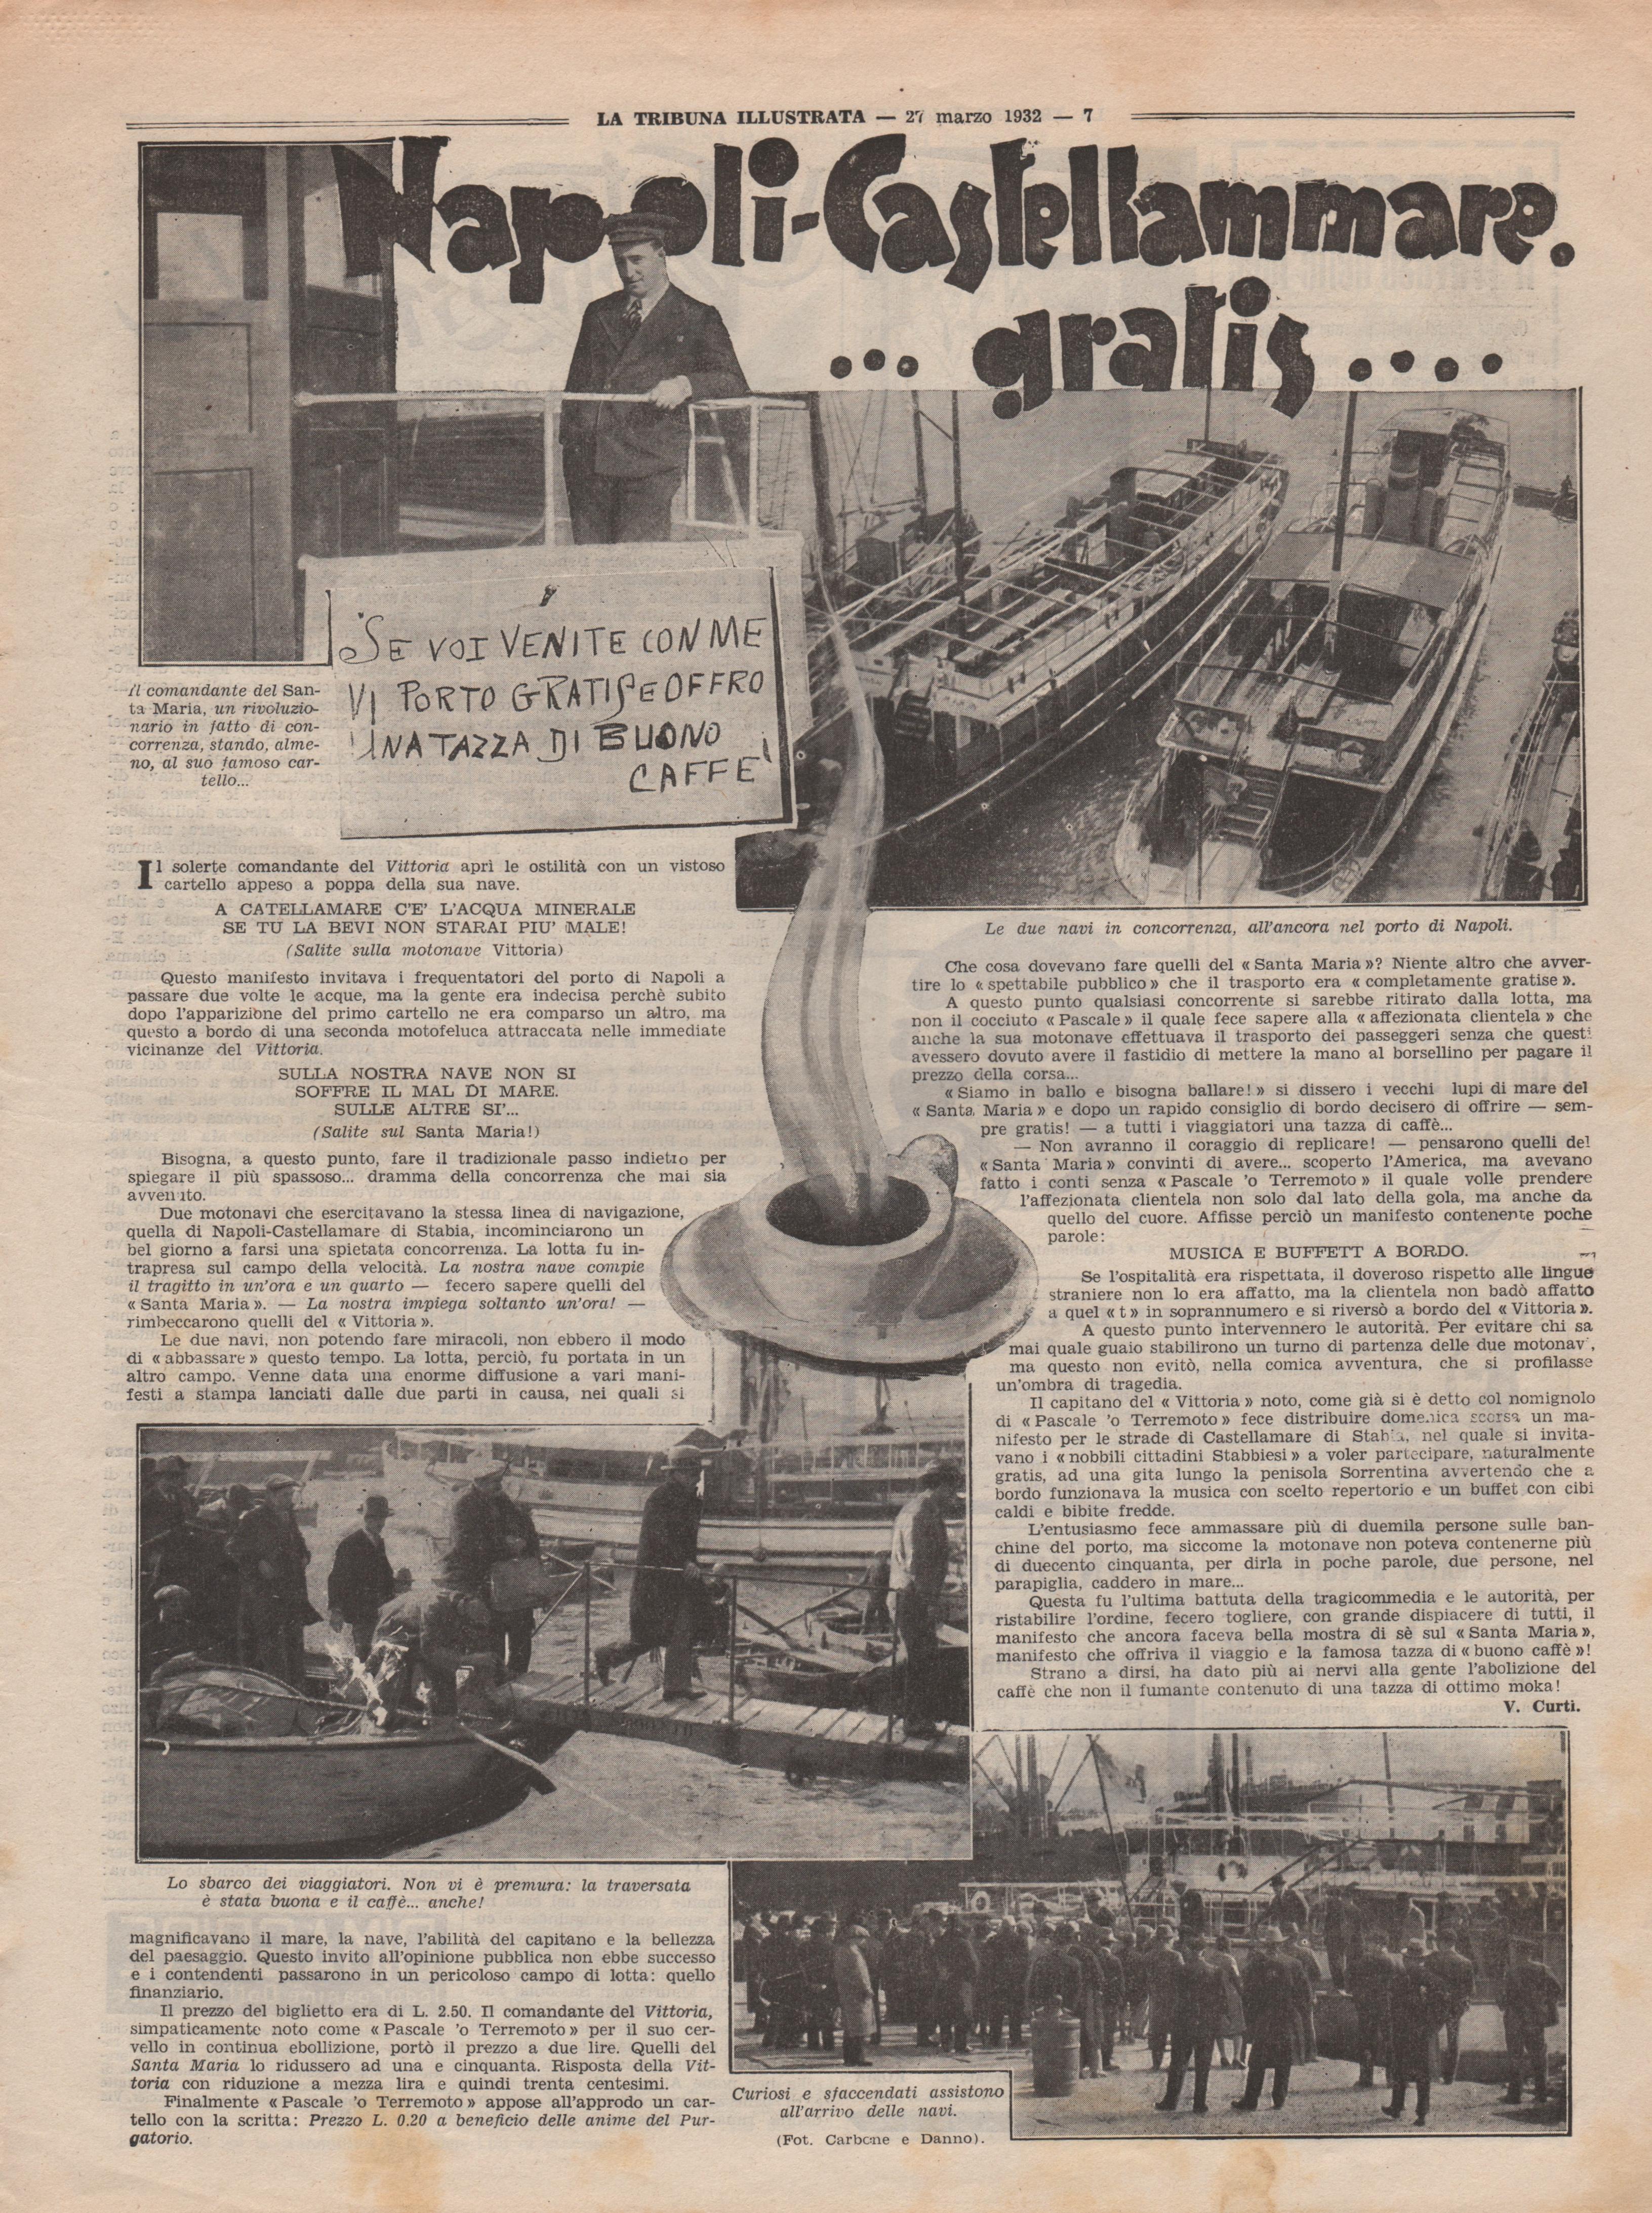 la tribuna illustrata anno XL n. 13 27 marzo 1932 (coll. Gaetano Fontana)